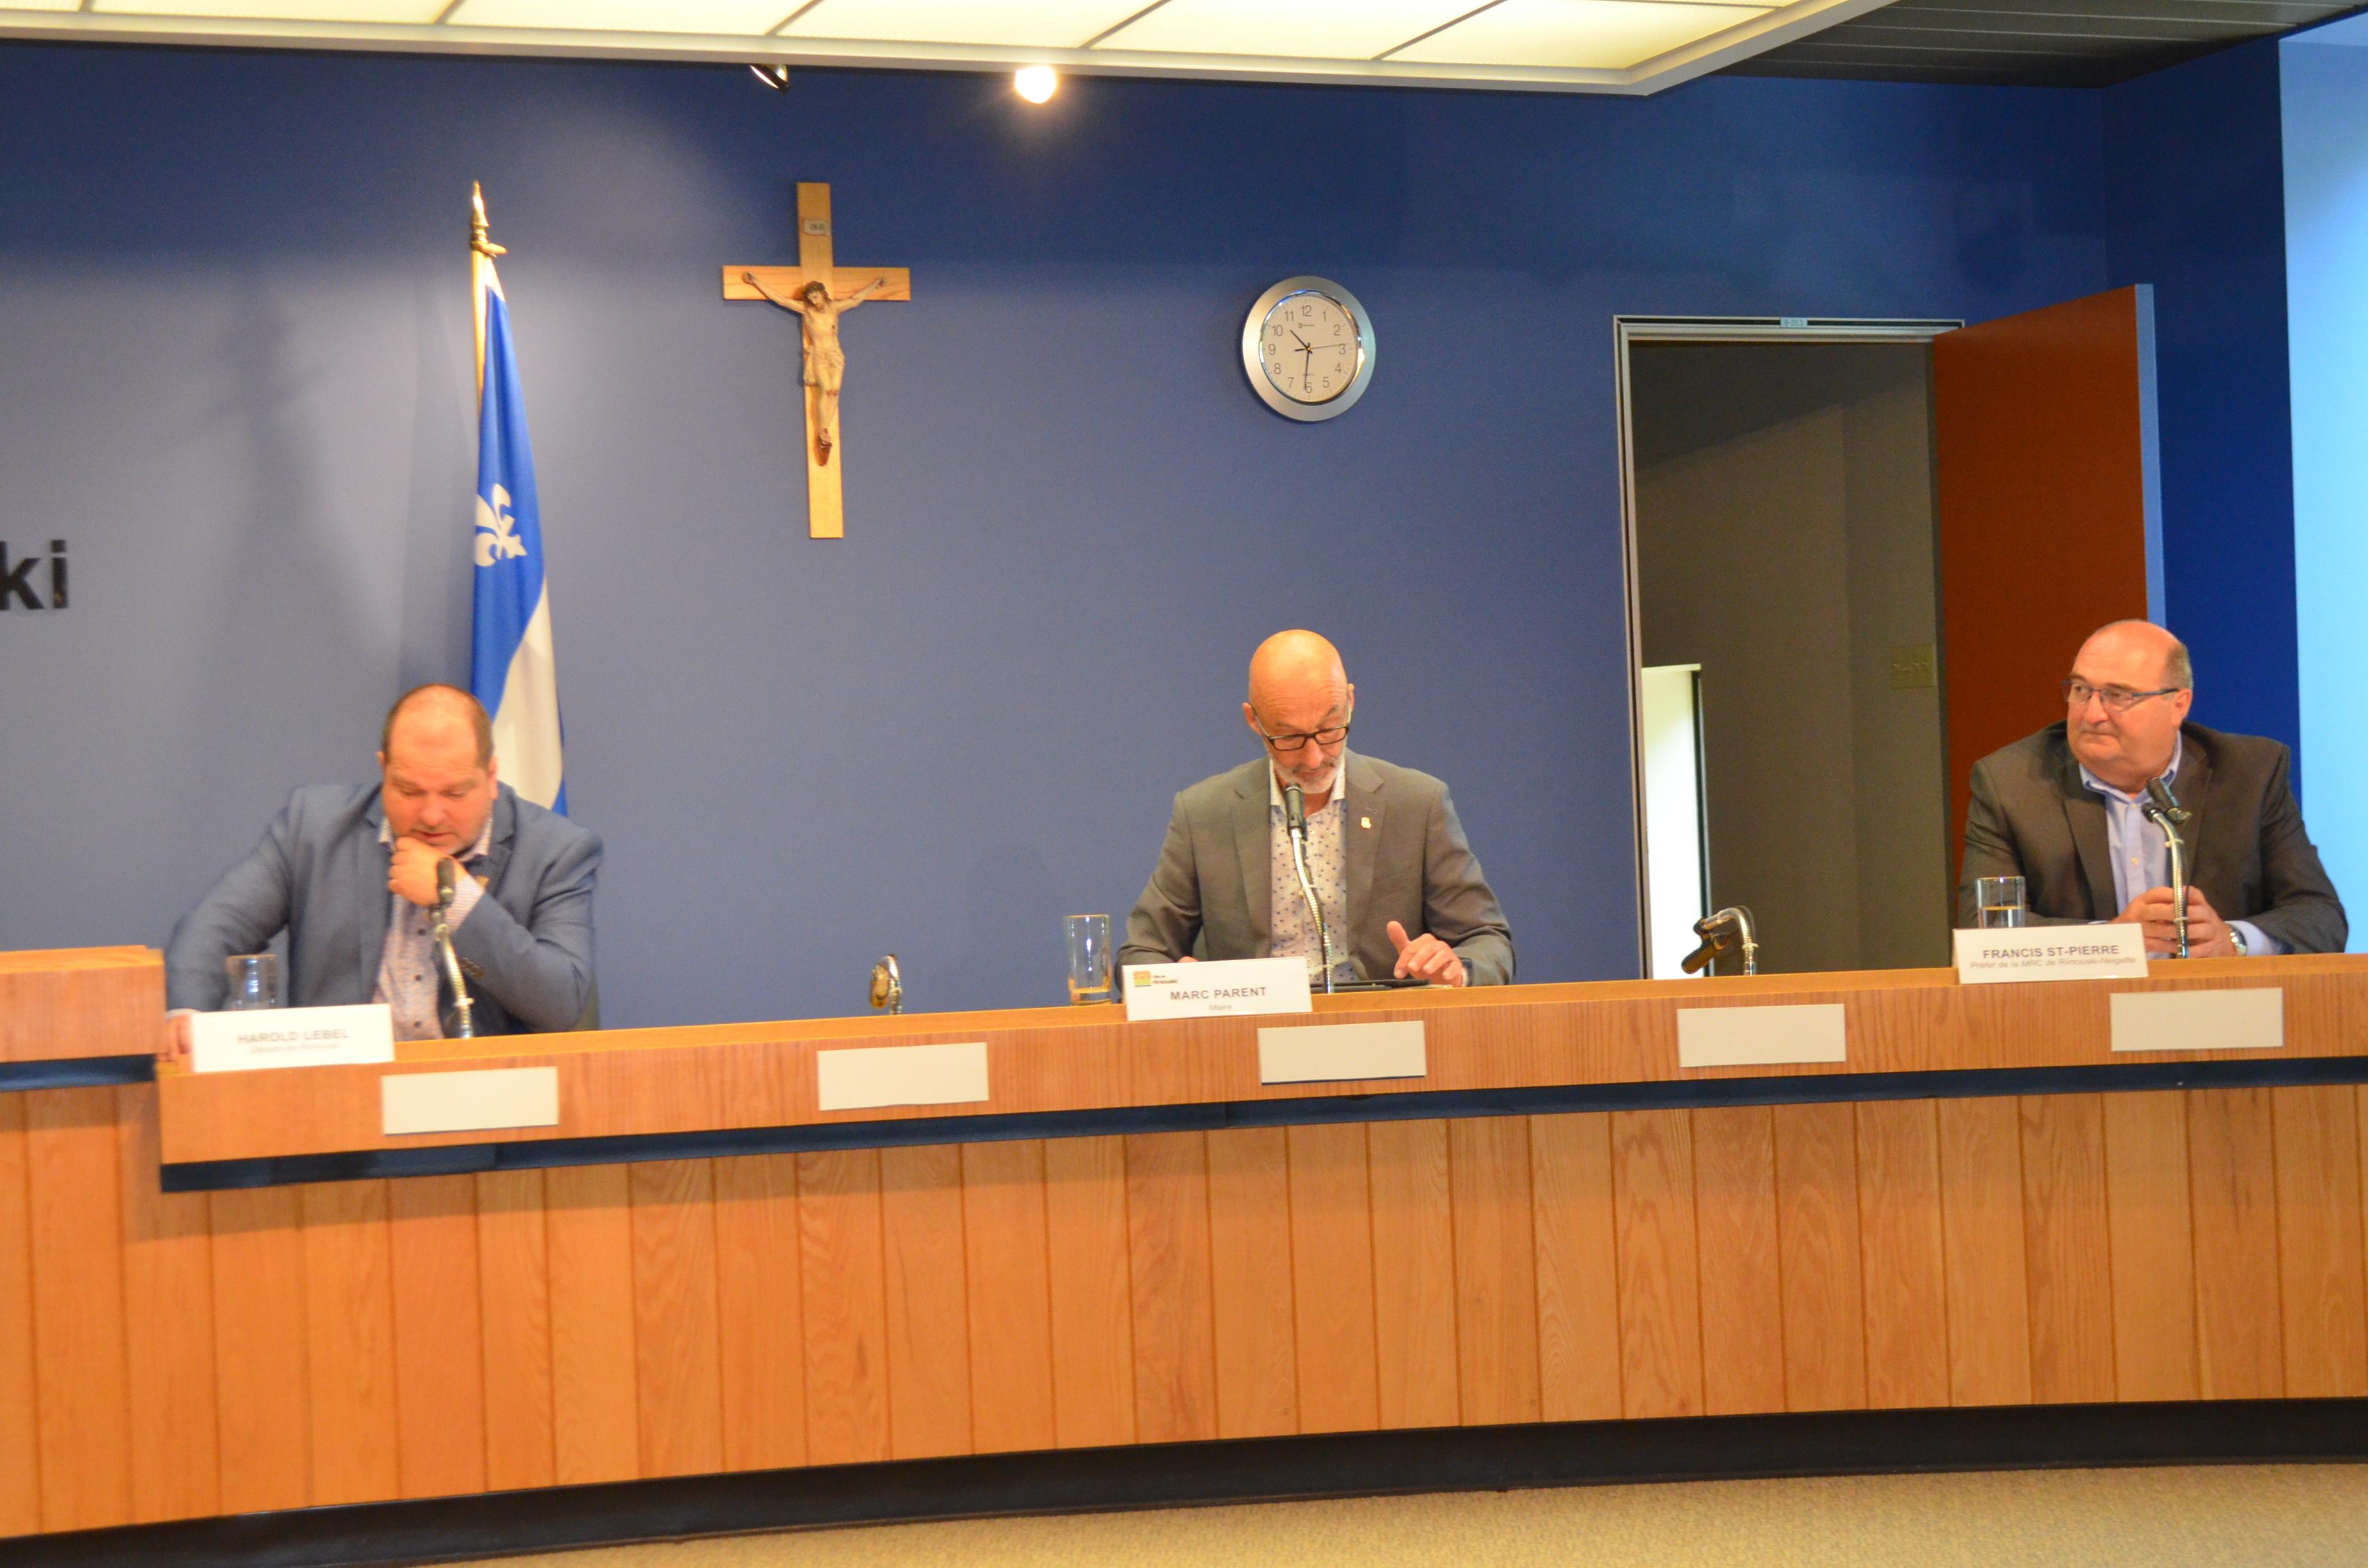 Le député Harold LeBel, le maire Marc Parent et le préfet de la MRC Rimouski-Neigette Francis St-Pierre.